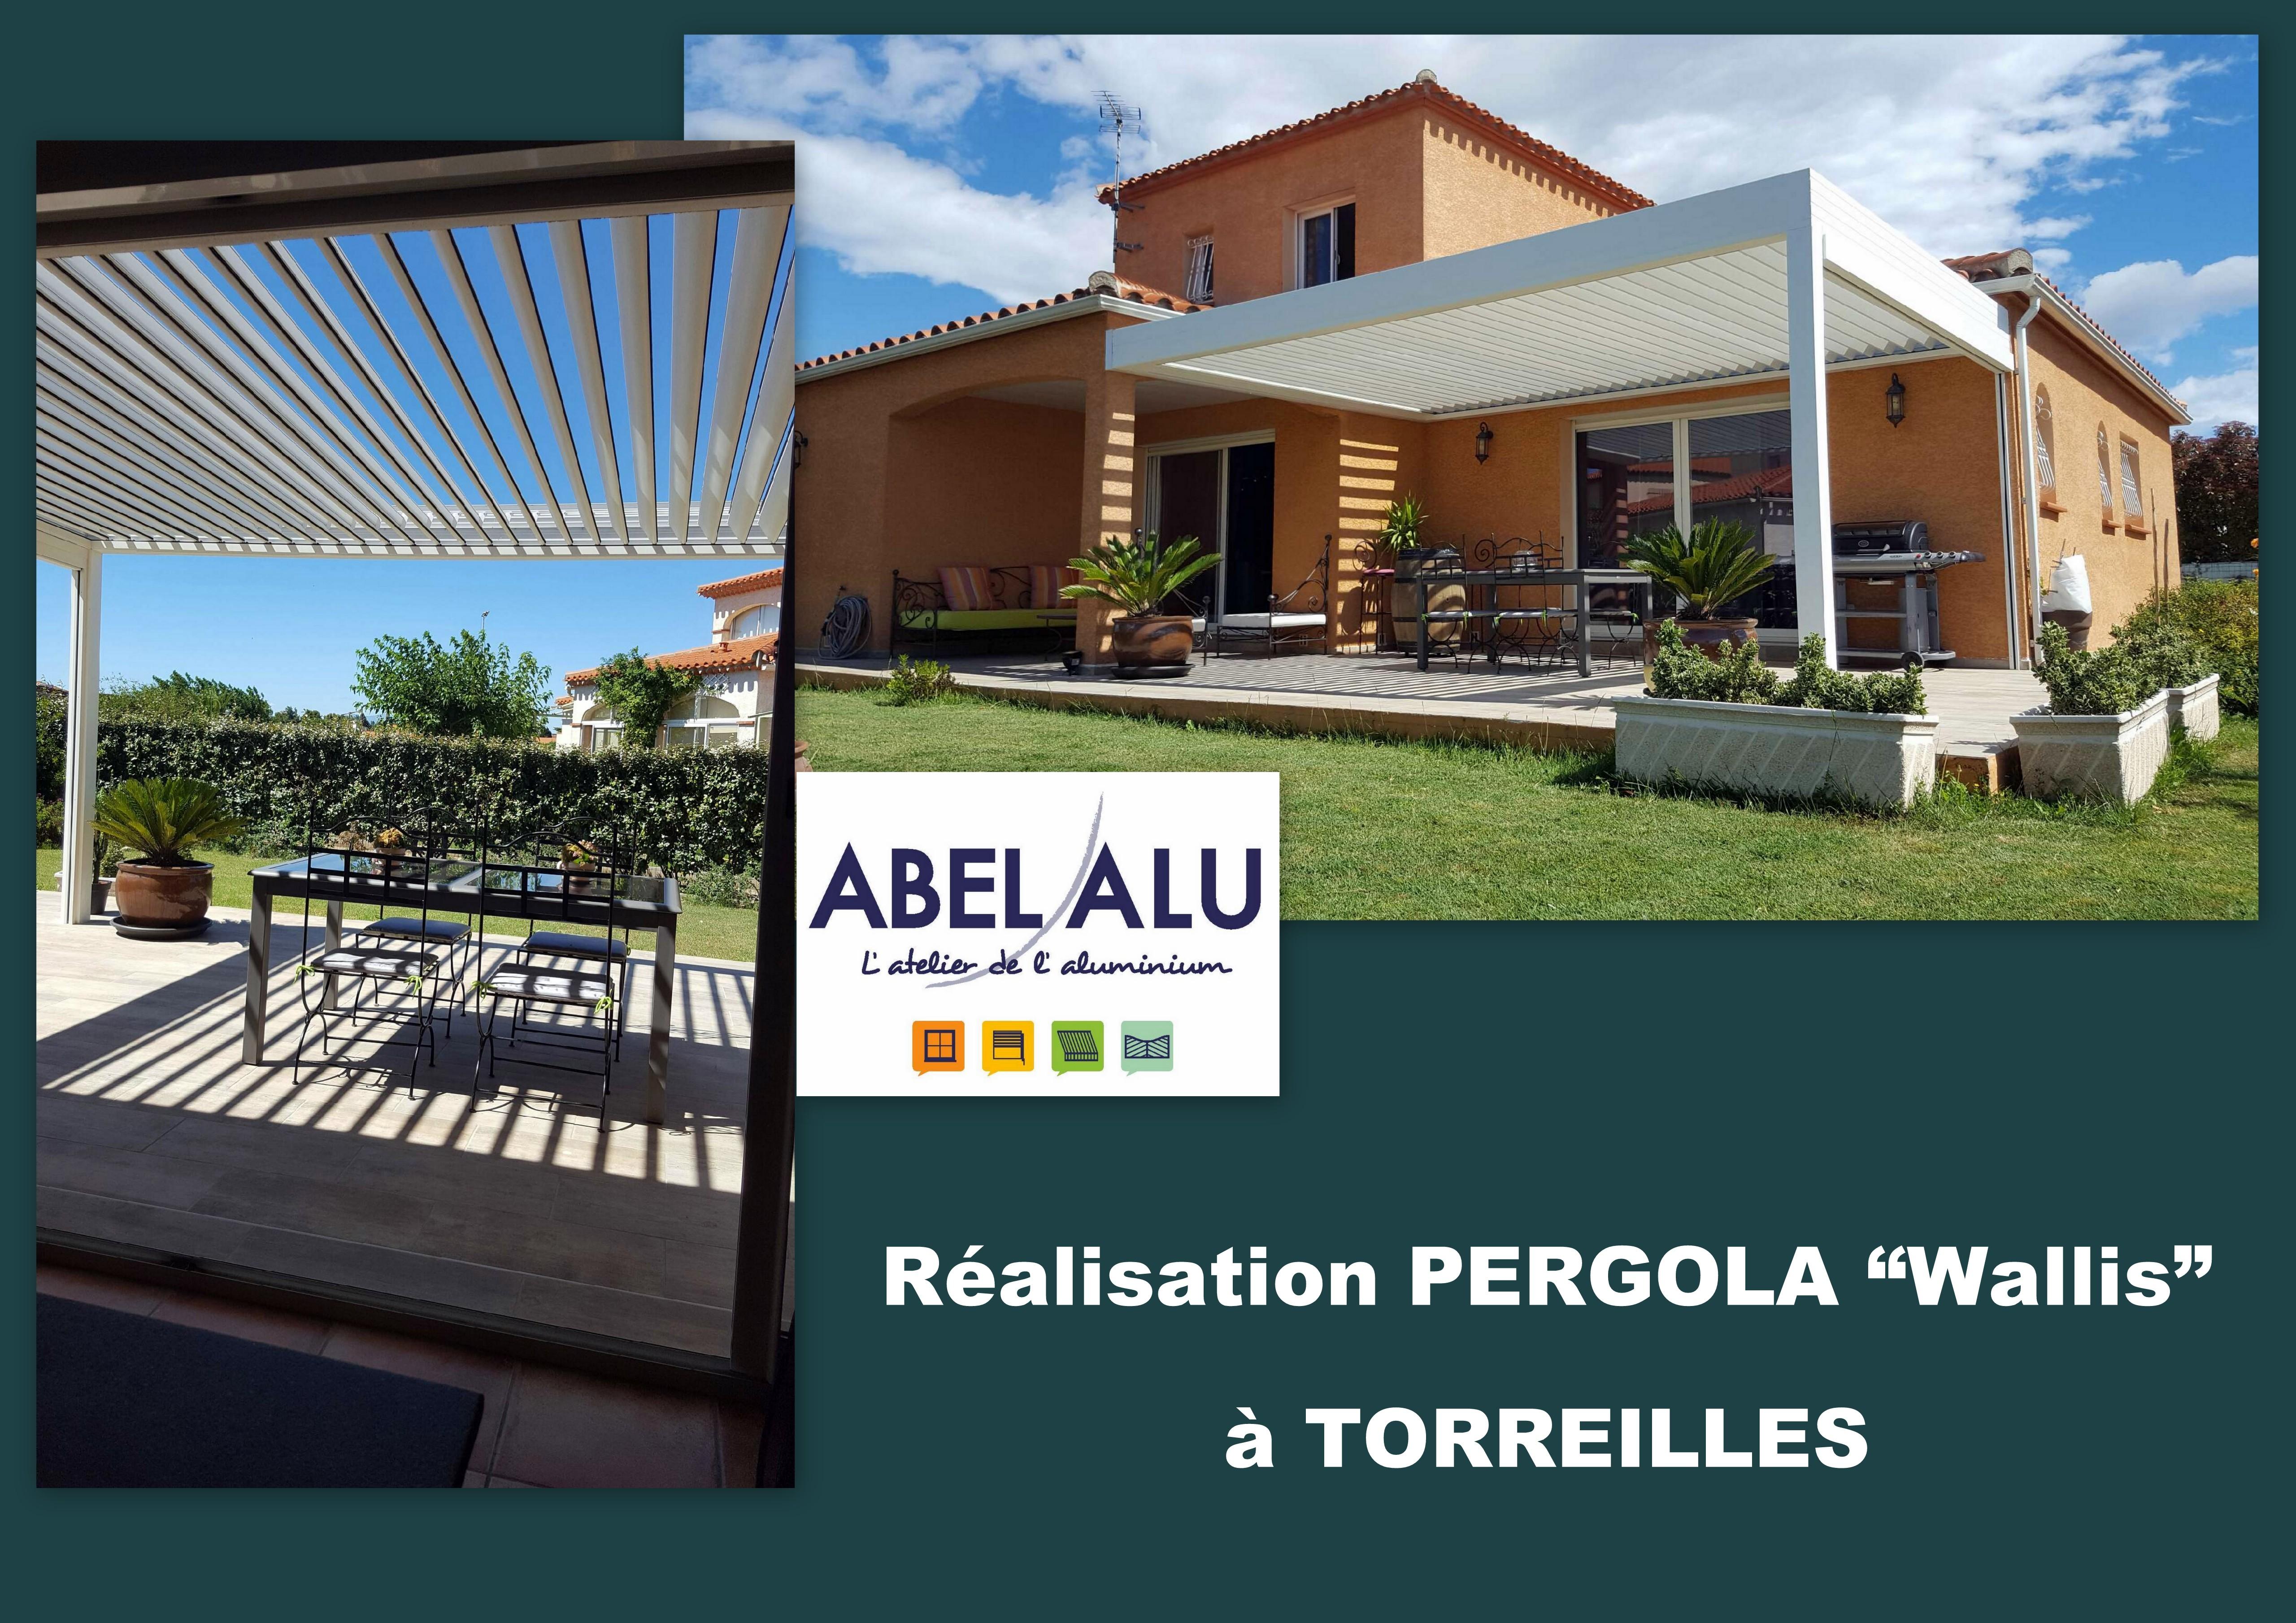 ABEL ALU Photos PERGOLA - TORREILLES